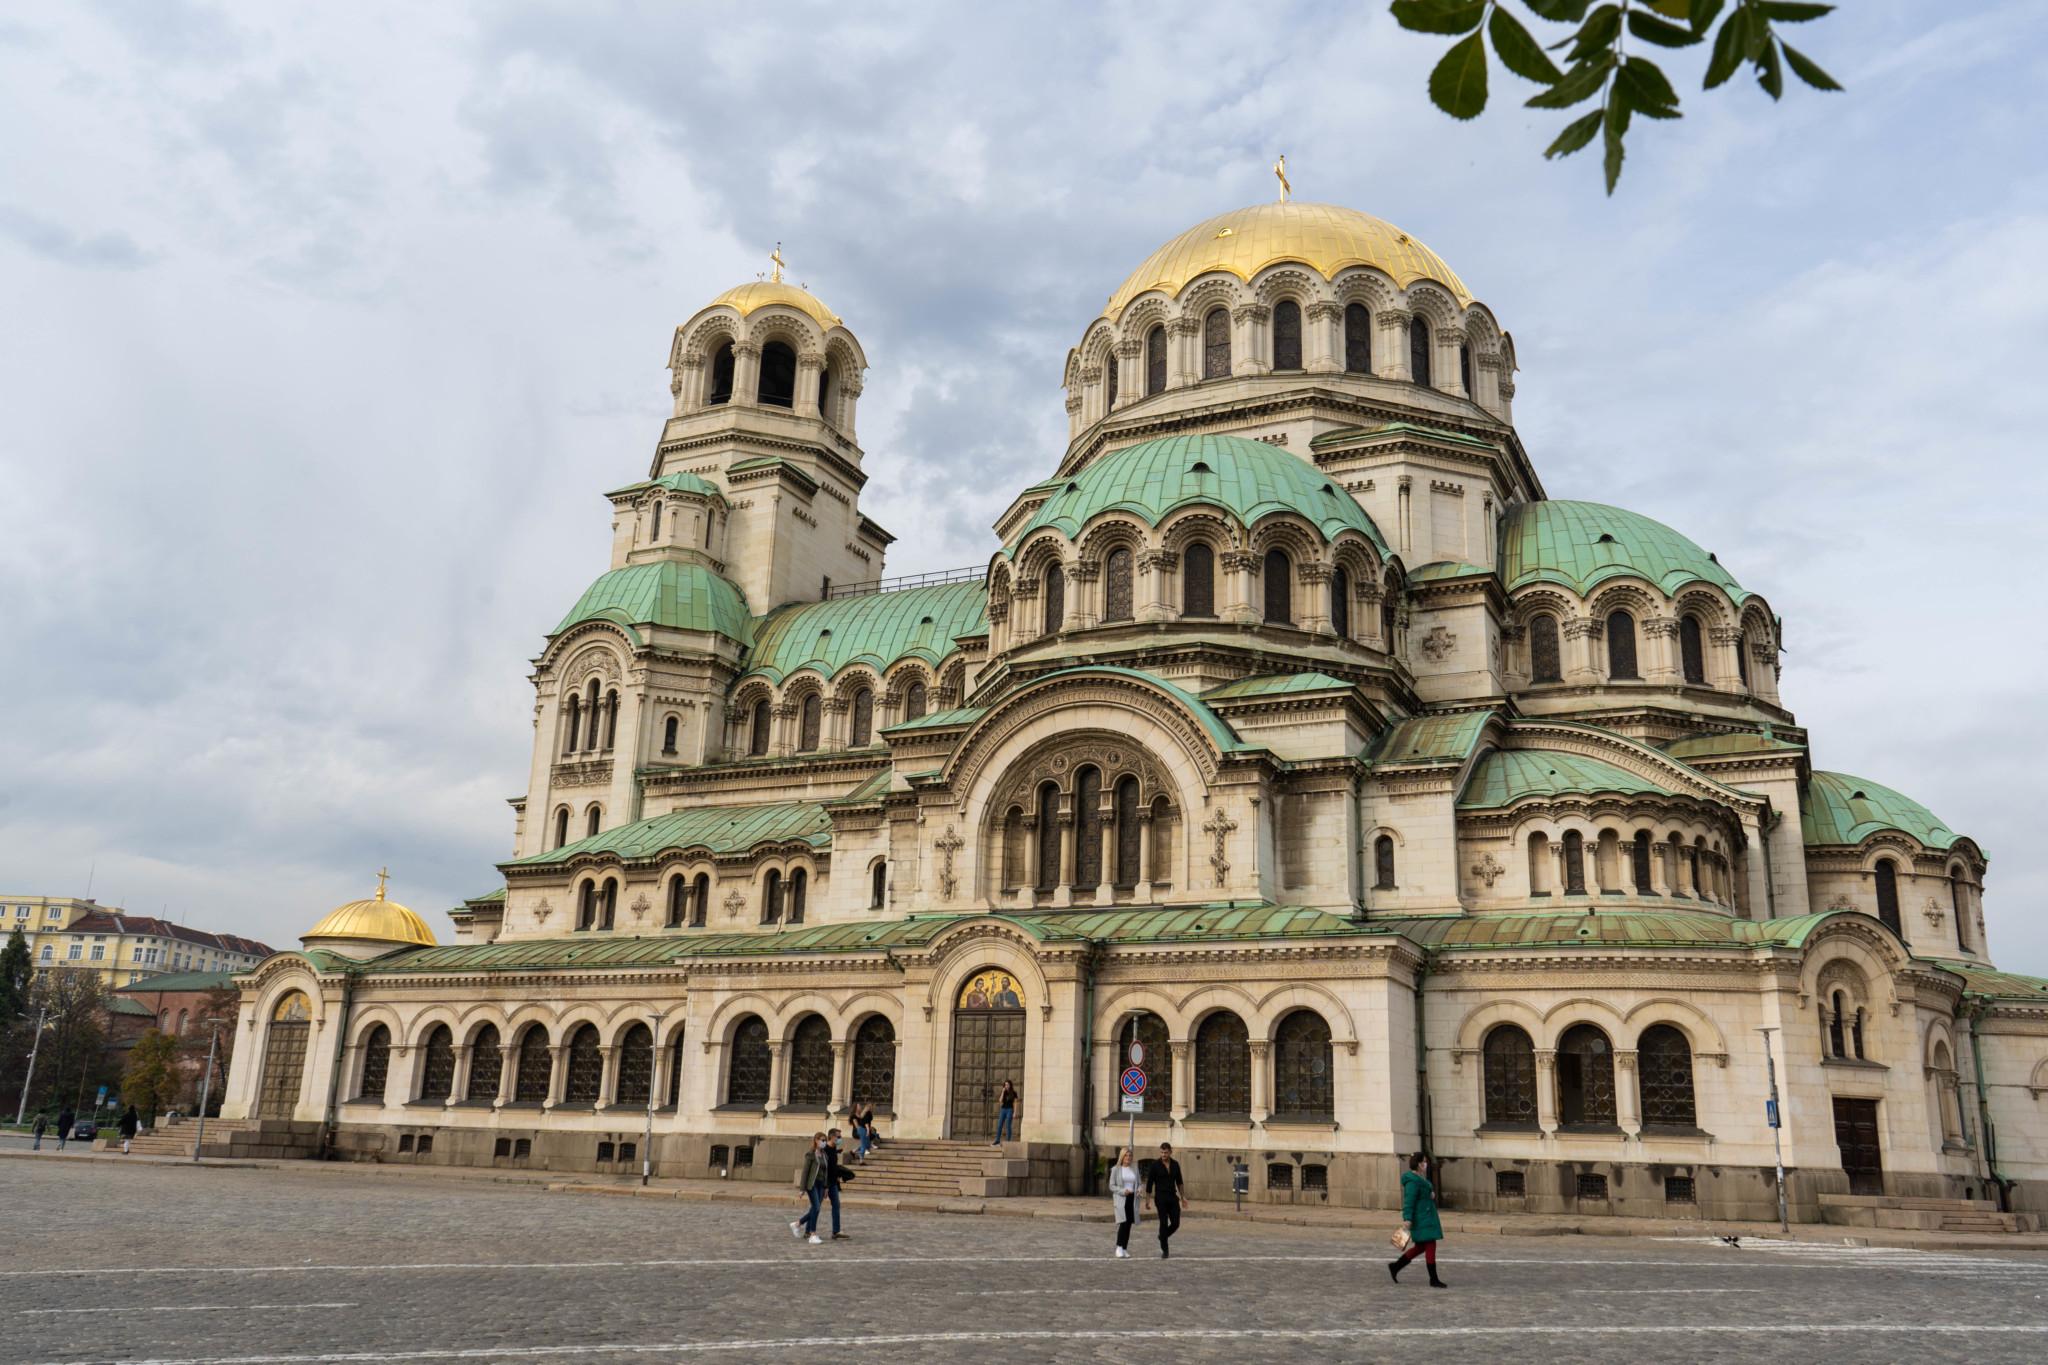 Reiseziele im April: Auch Bulgarien ist eine schöne Idee